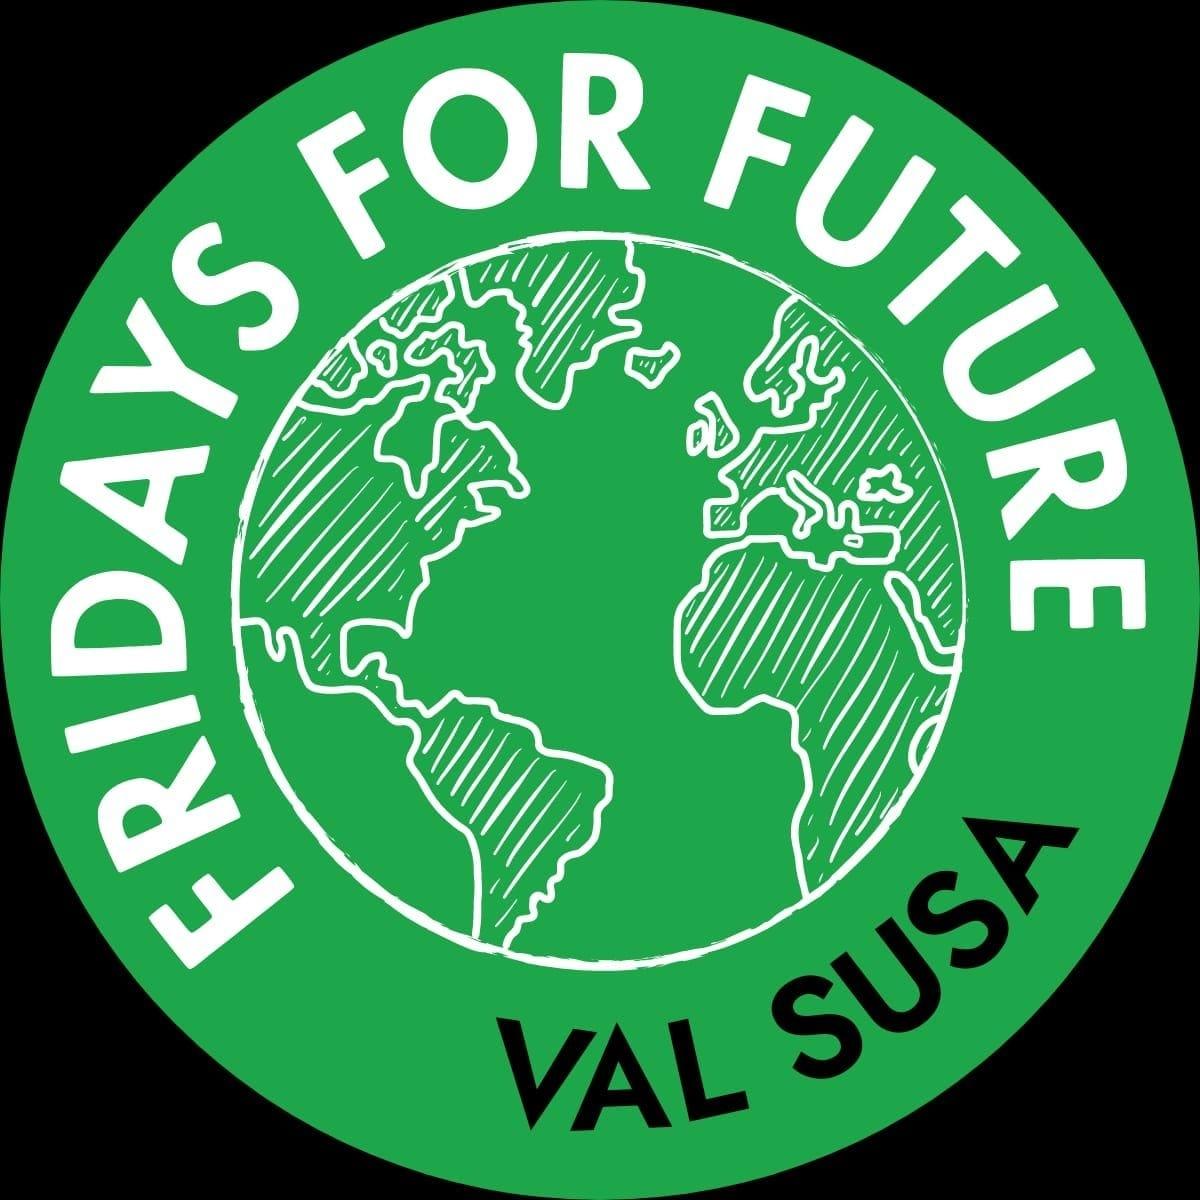 La linea sottile tra tutela ambientale e green washing: il paradosso dell'autoporto di San Didero nelle parole di Stefano, attivista di Fridays 4 Future